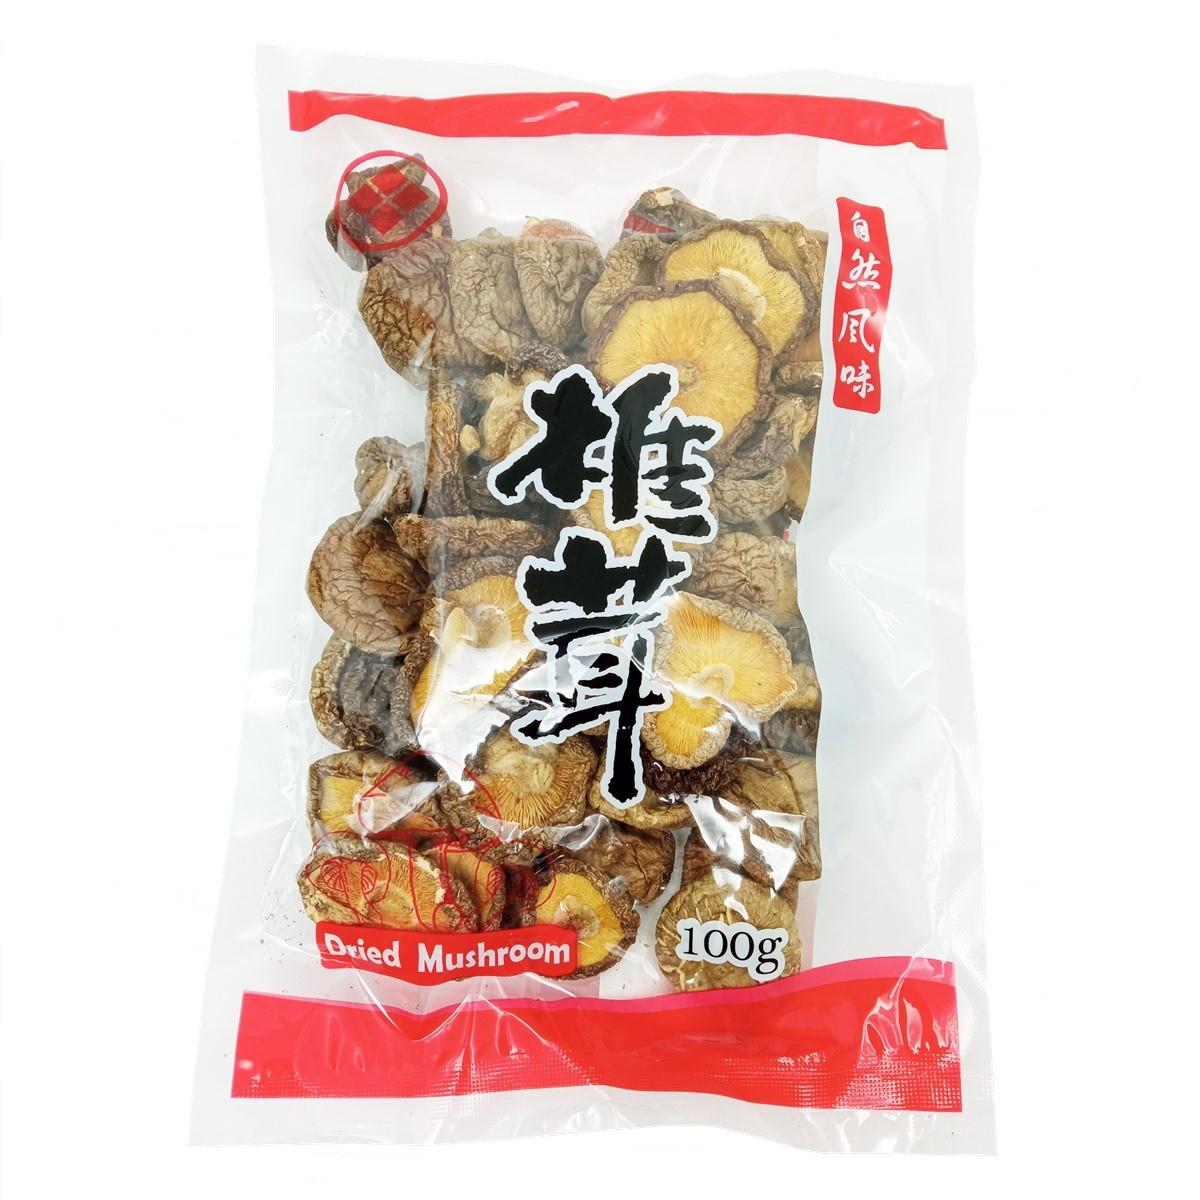 Cogumelo Shitake Shiitake Inteiro Desidratado 100g - Fuzhou Foods